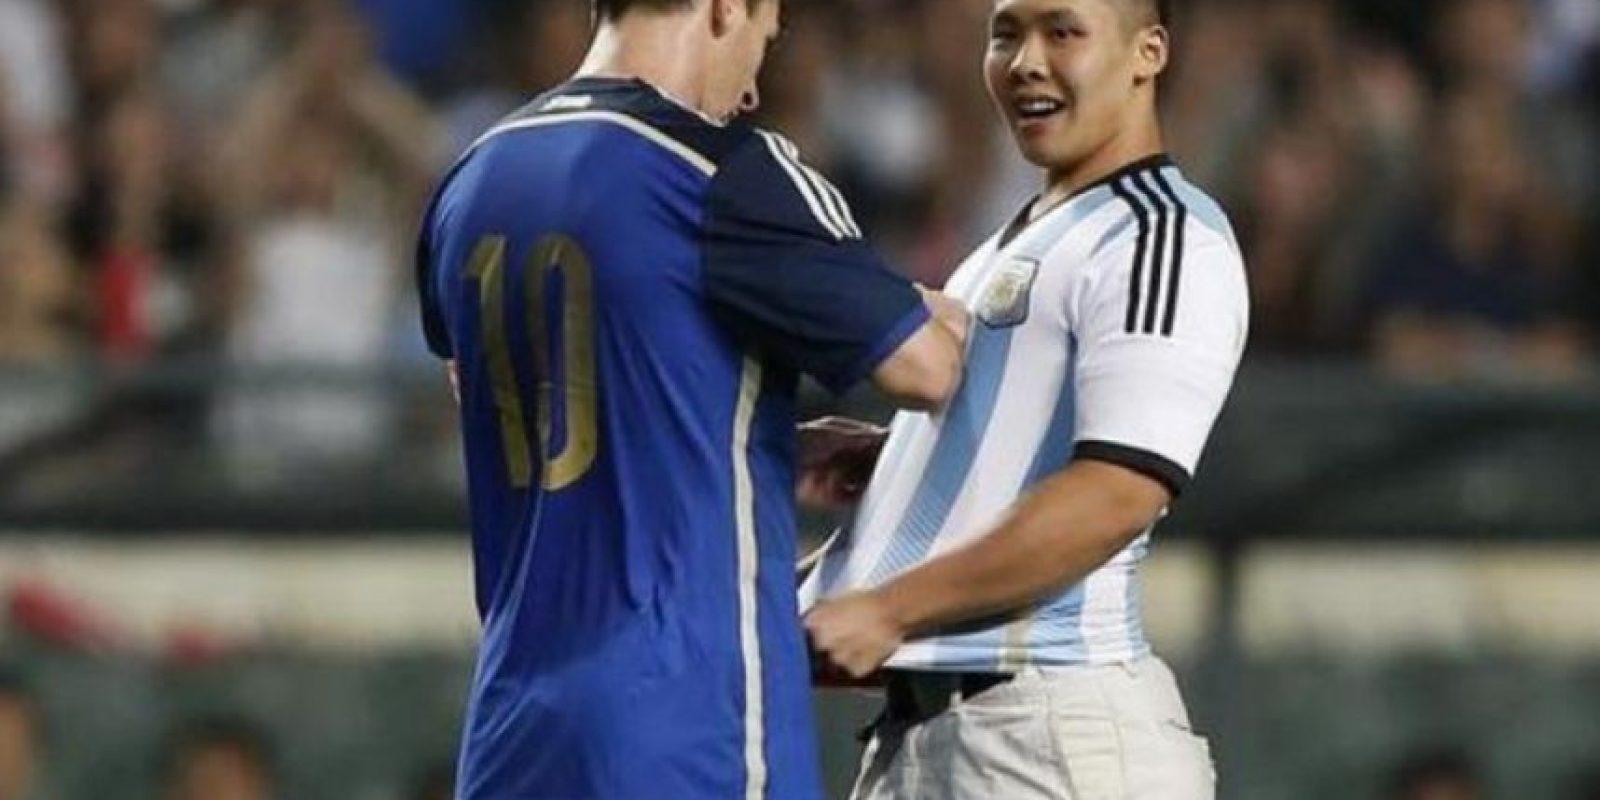 En la gira de la Selección argentina a Asia, se dio tiempo para firmar una camiseta a un hincha que invadió la cancha. Foto:Getty Images